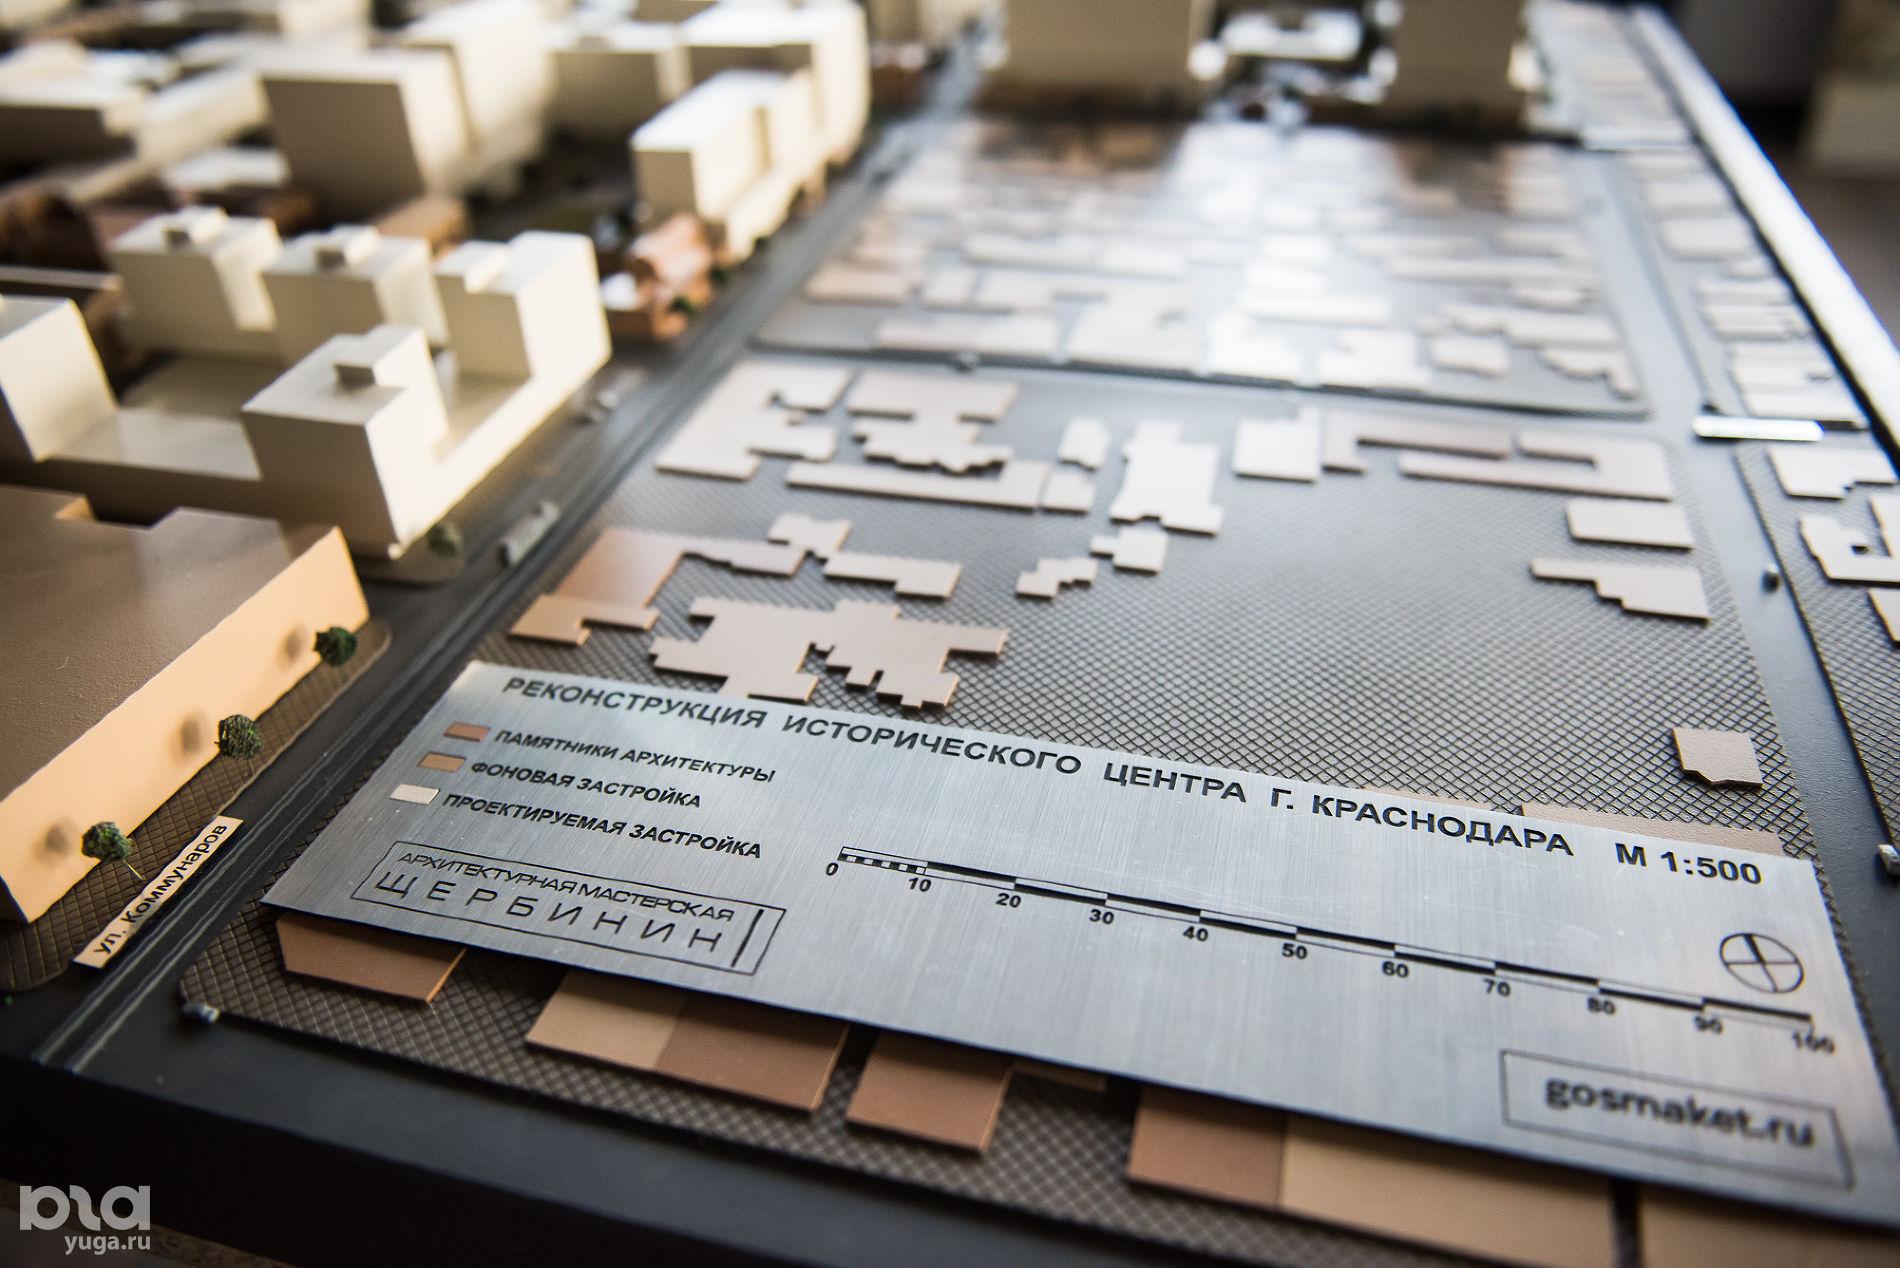 Макет центральной части Краснодара ©Фото Елены Синеок, Юга.ру